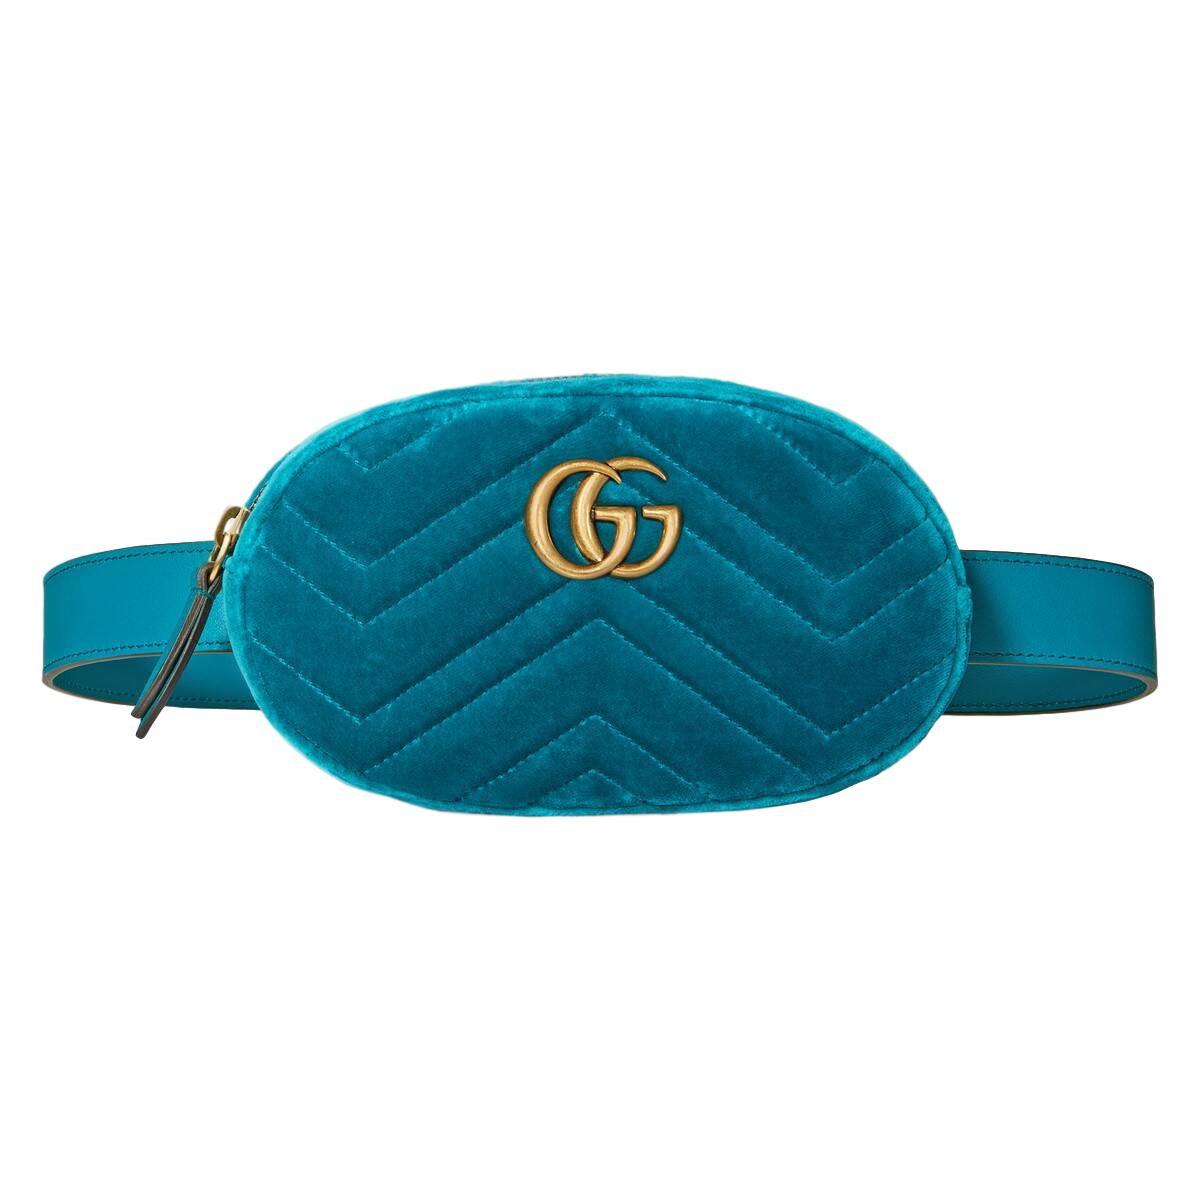 3b08a334d297 Gucci Marmont Teal Velvet Belt Bag | HEWI London